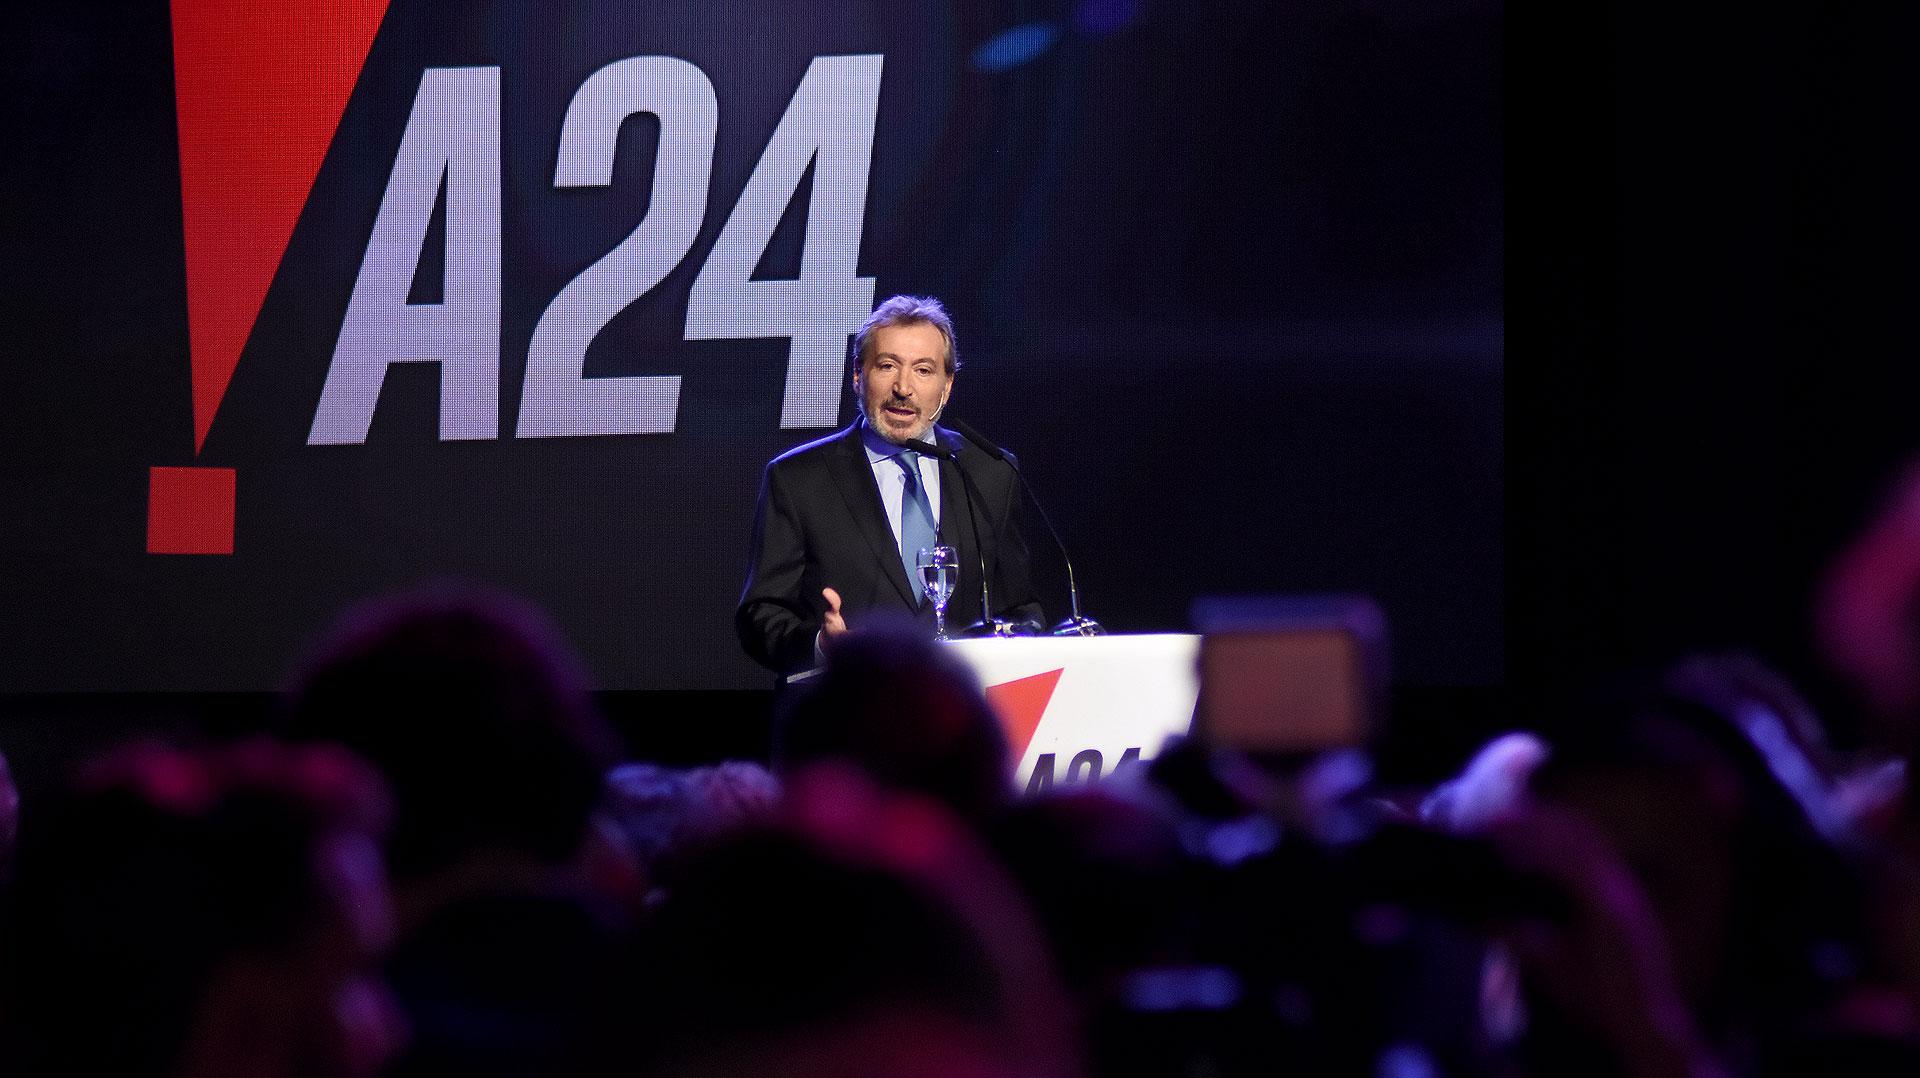 El discurso de Daniel Vila, presidente del Grupo América, durante la gran presentación de A24 que se llevó a cabo en vivo